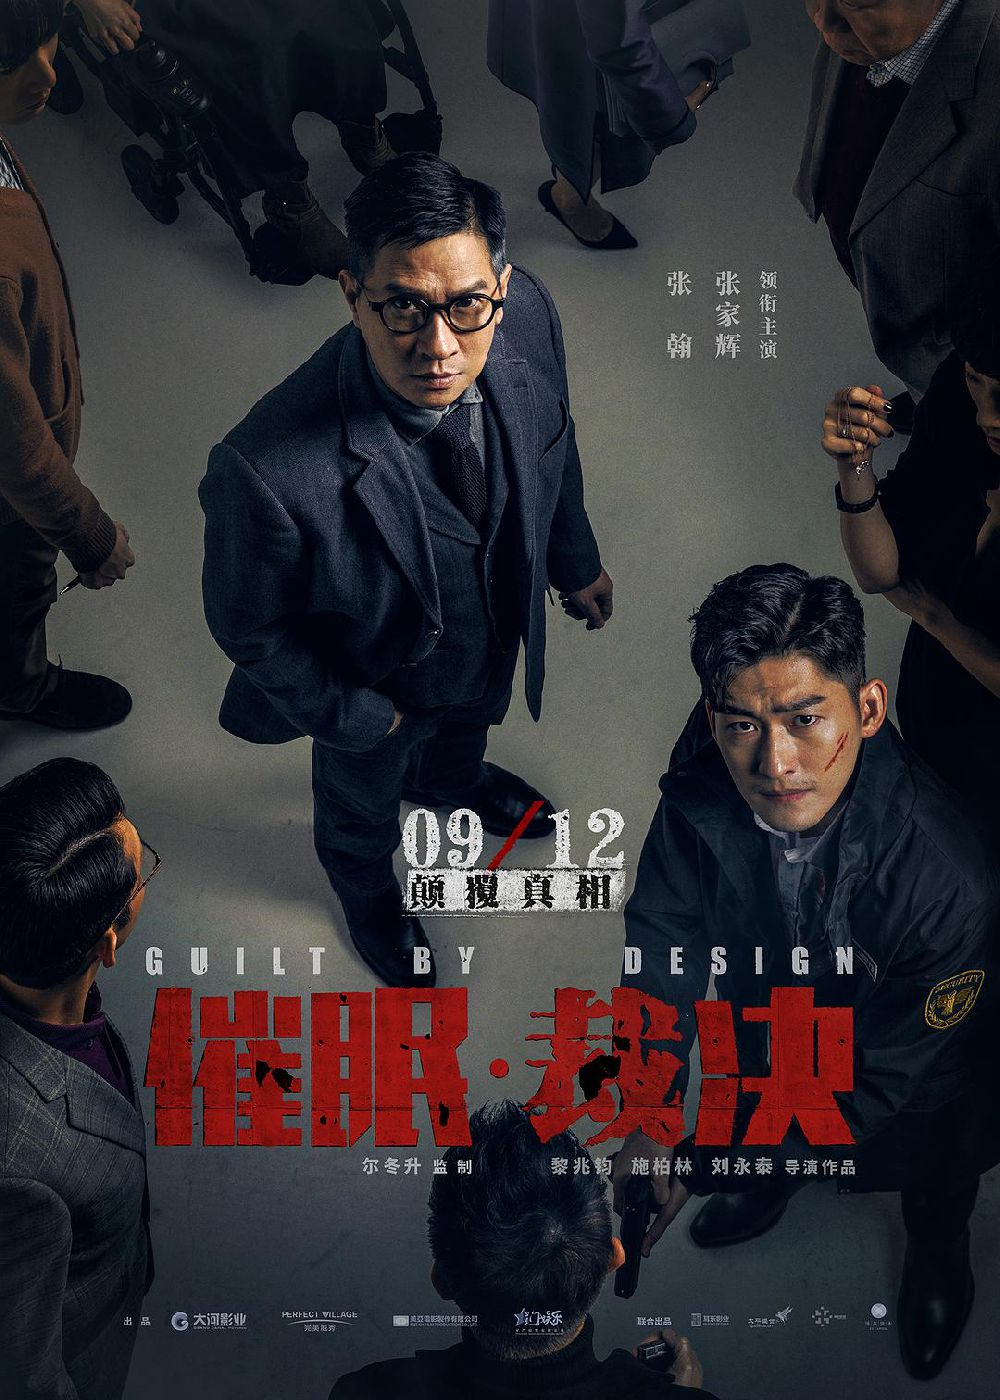 2019年中秋节上映影片 中秋档影片一览